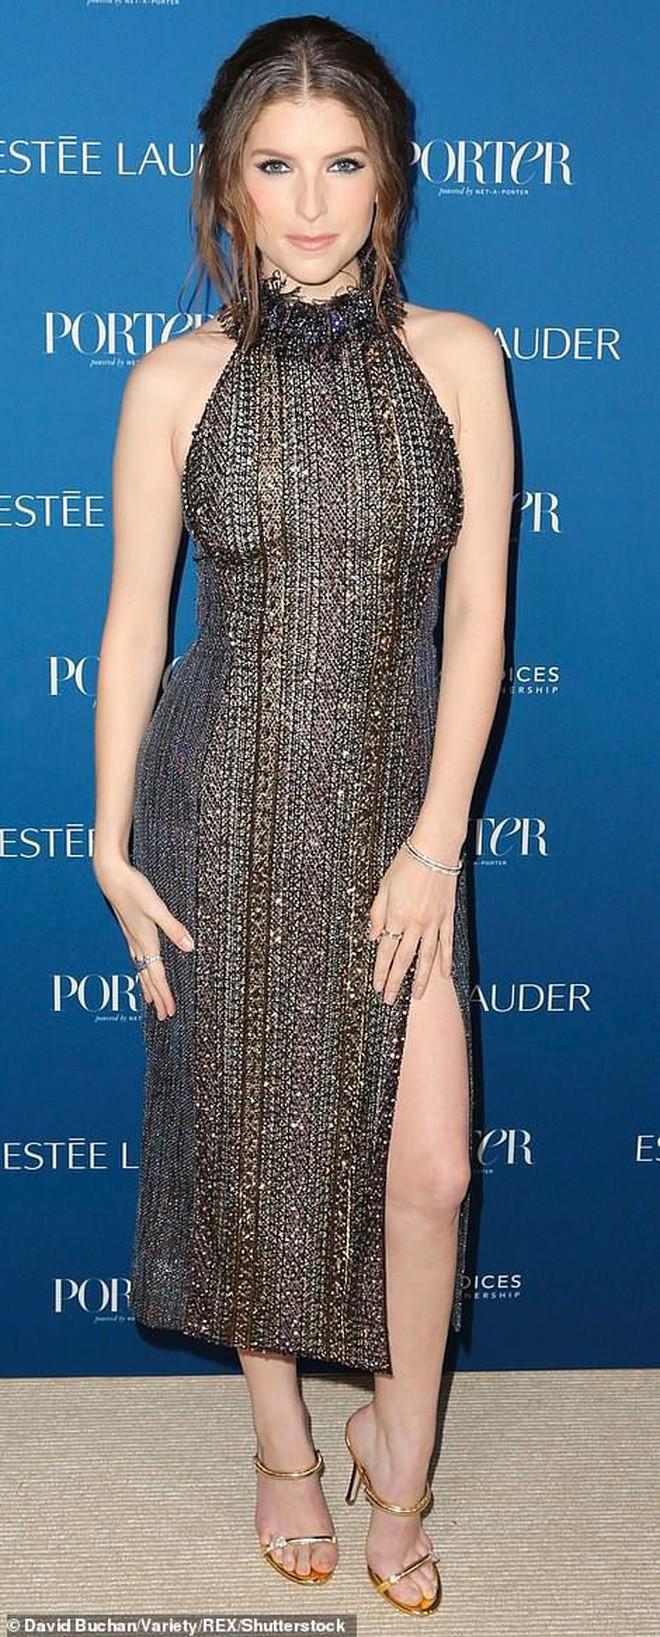 Đêm tiệc trở thành đấu trường nhan sắc: Miranda Kerr, Amber Heard đến Charlize Theron đều đẹp hết phần người khác - Ảnh 12.